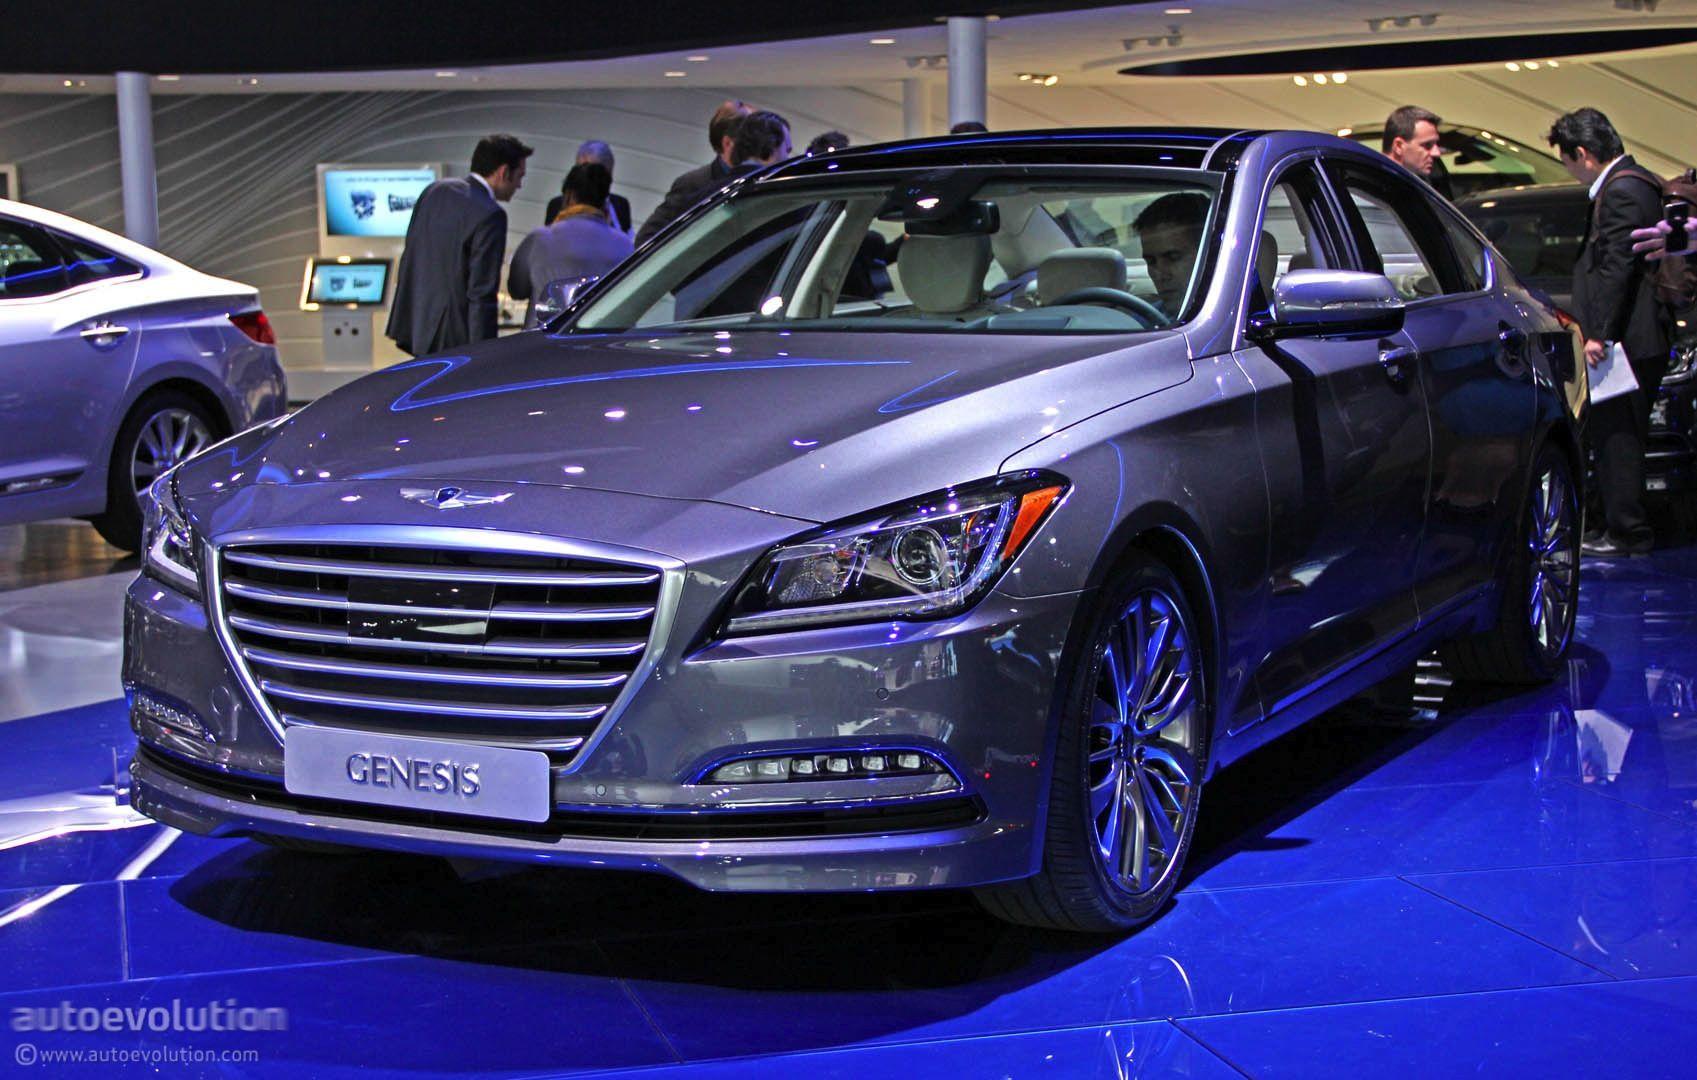 2015 Hyundai Genesis Luxury Sedan Revealed in Detroit